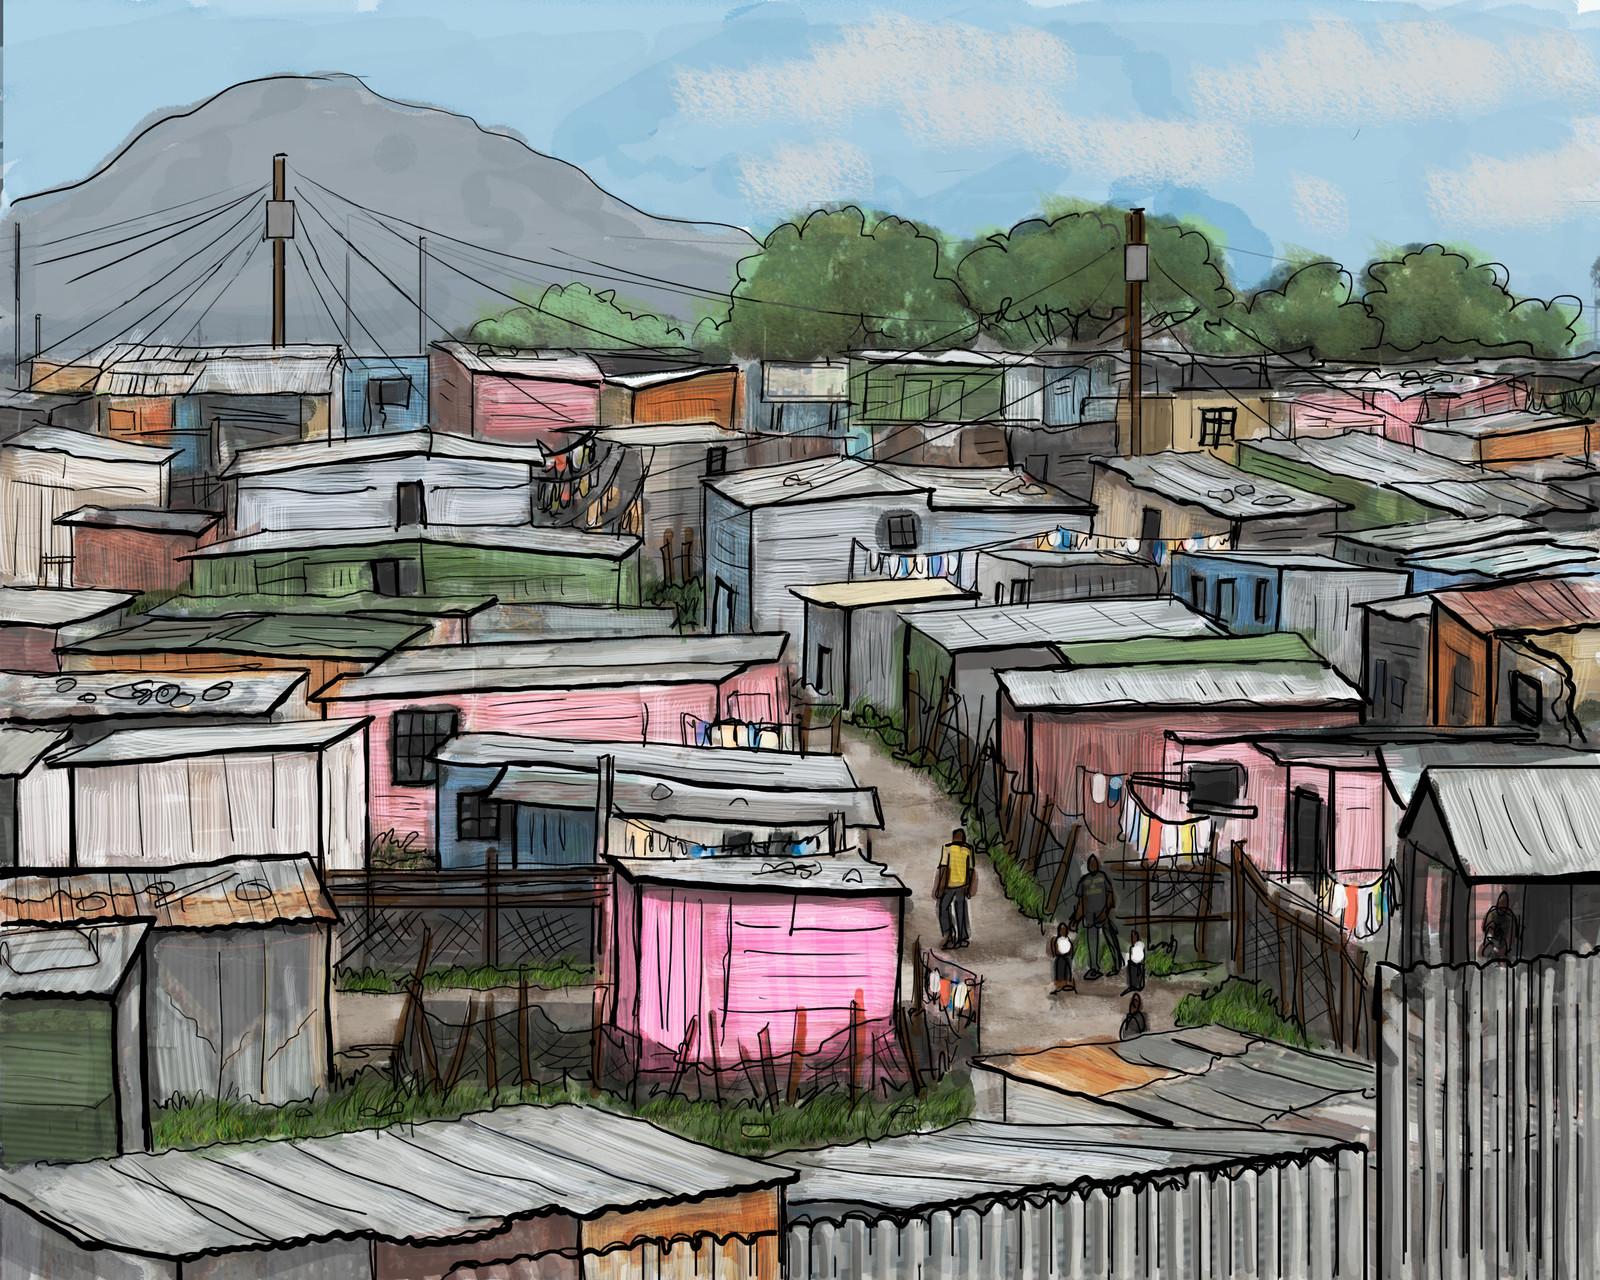 Cape Town slum